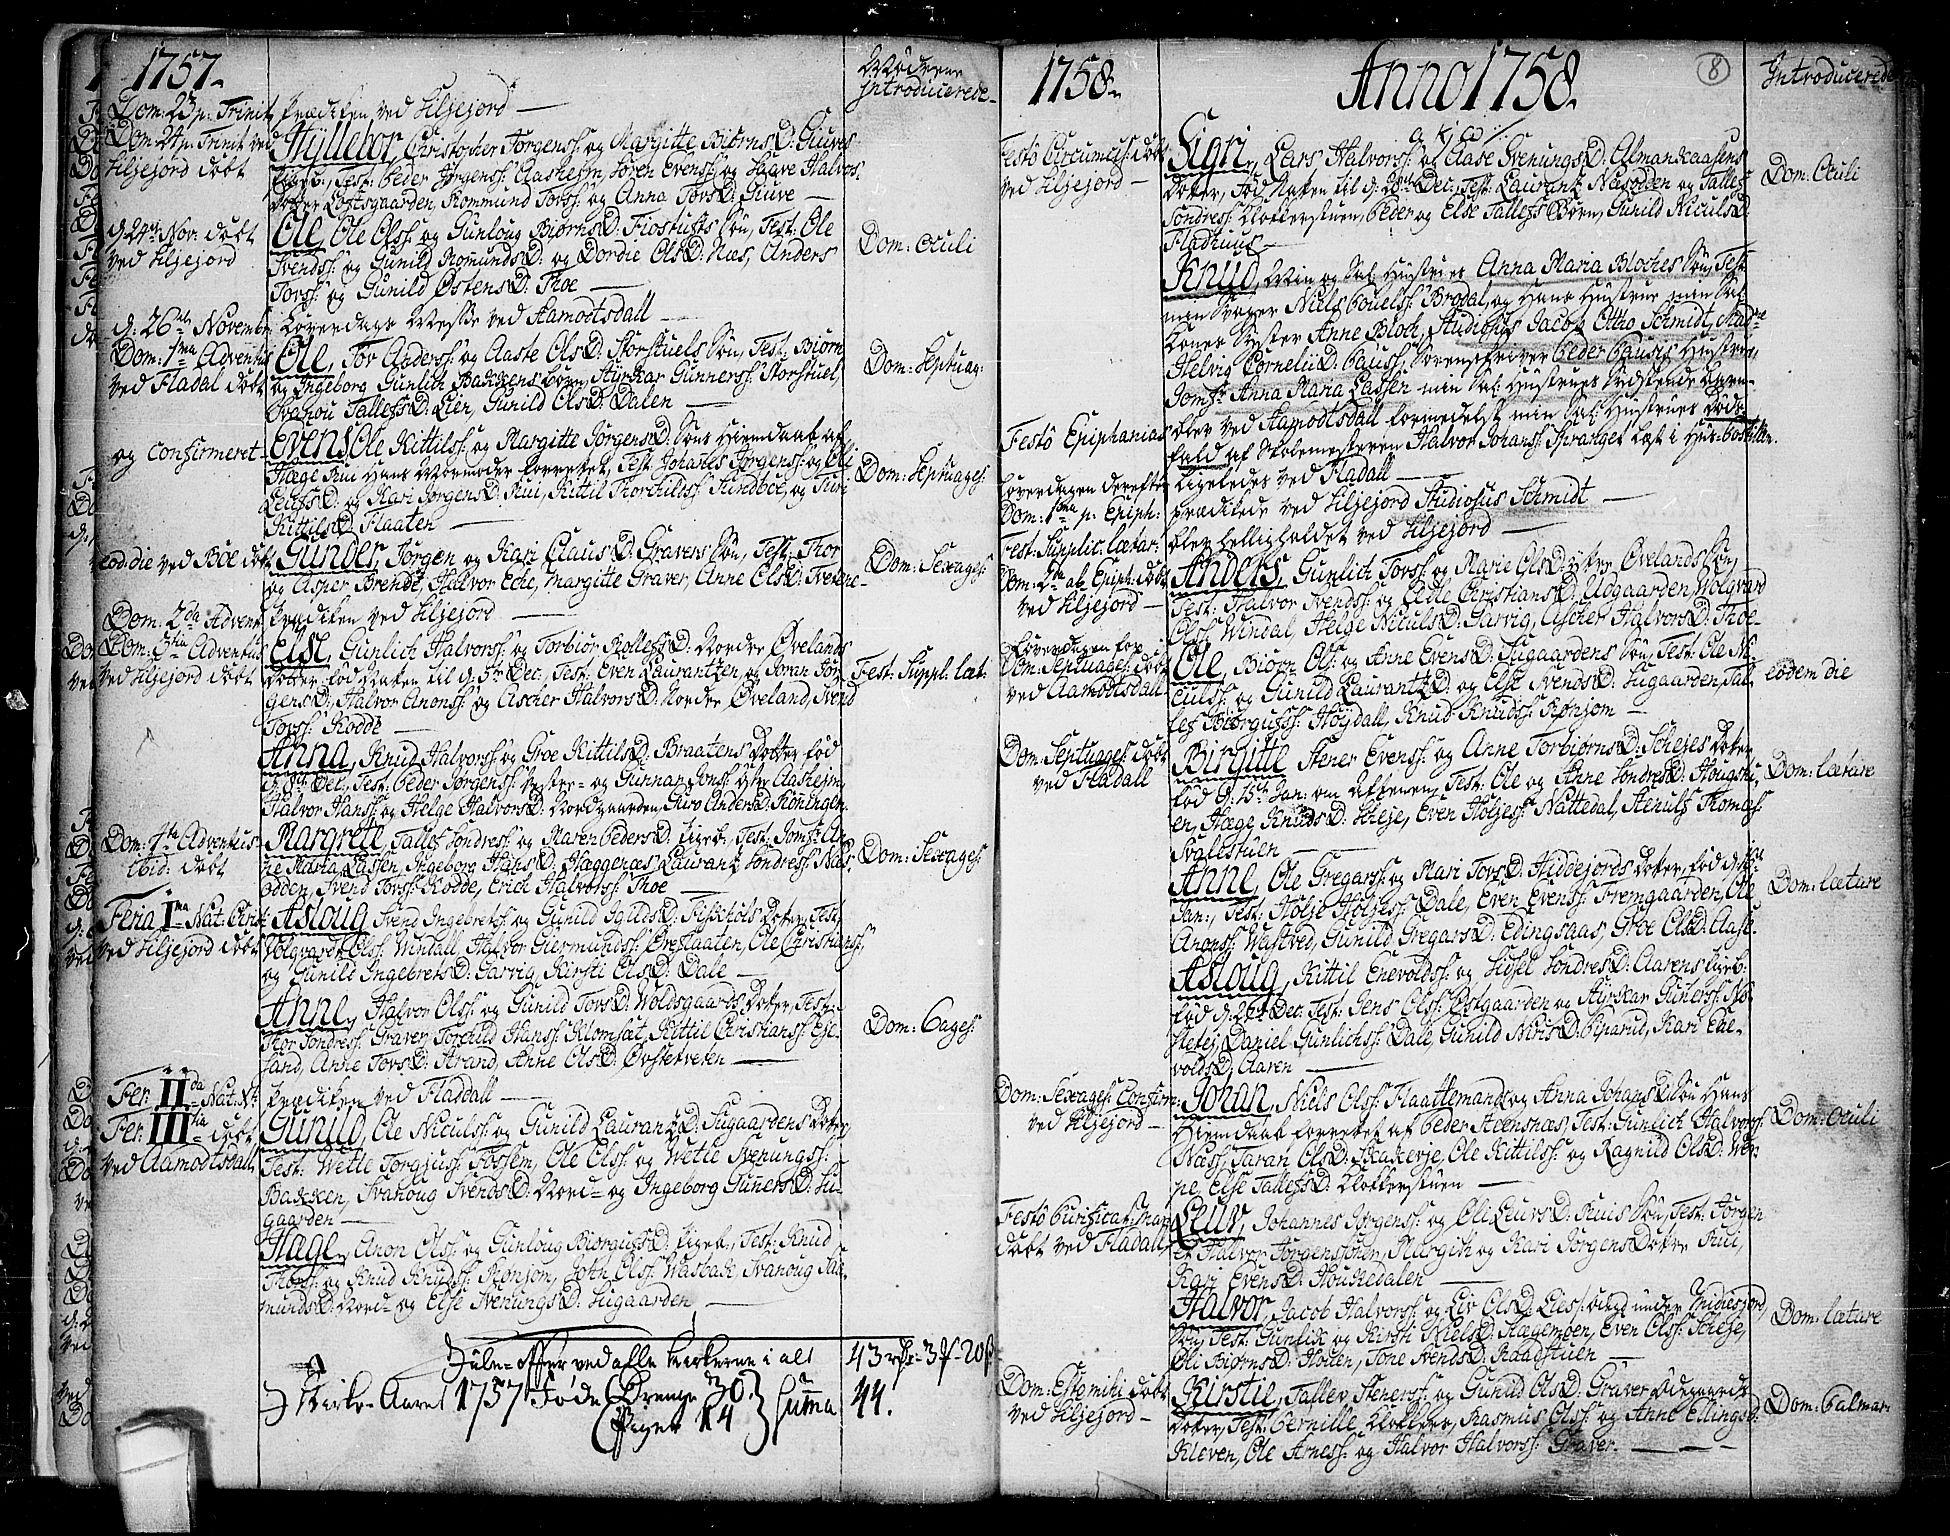 SAKO, Seljord kirkebøker, F/Fa/L0007: Ministerialbok nr. I 7, 1755-1800, s. 8